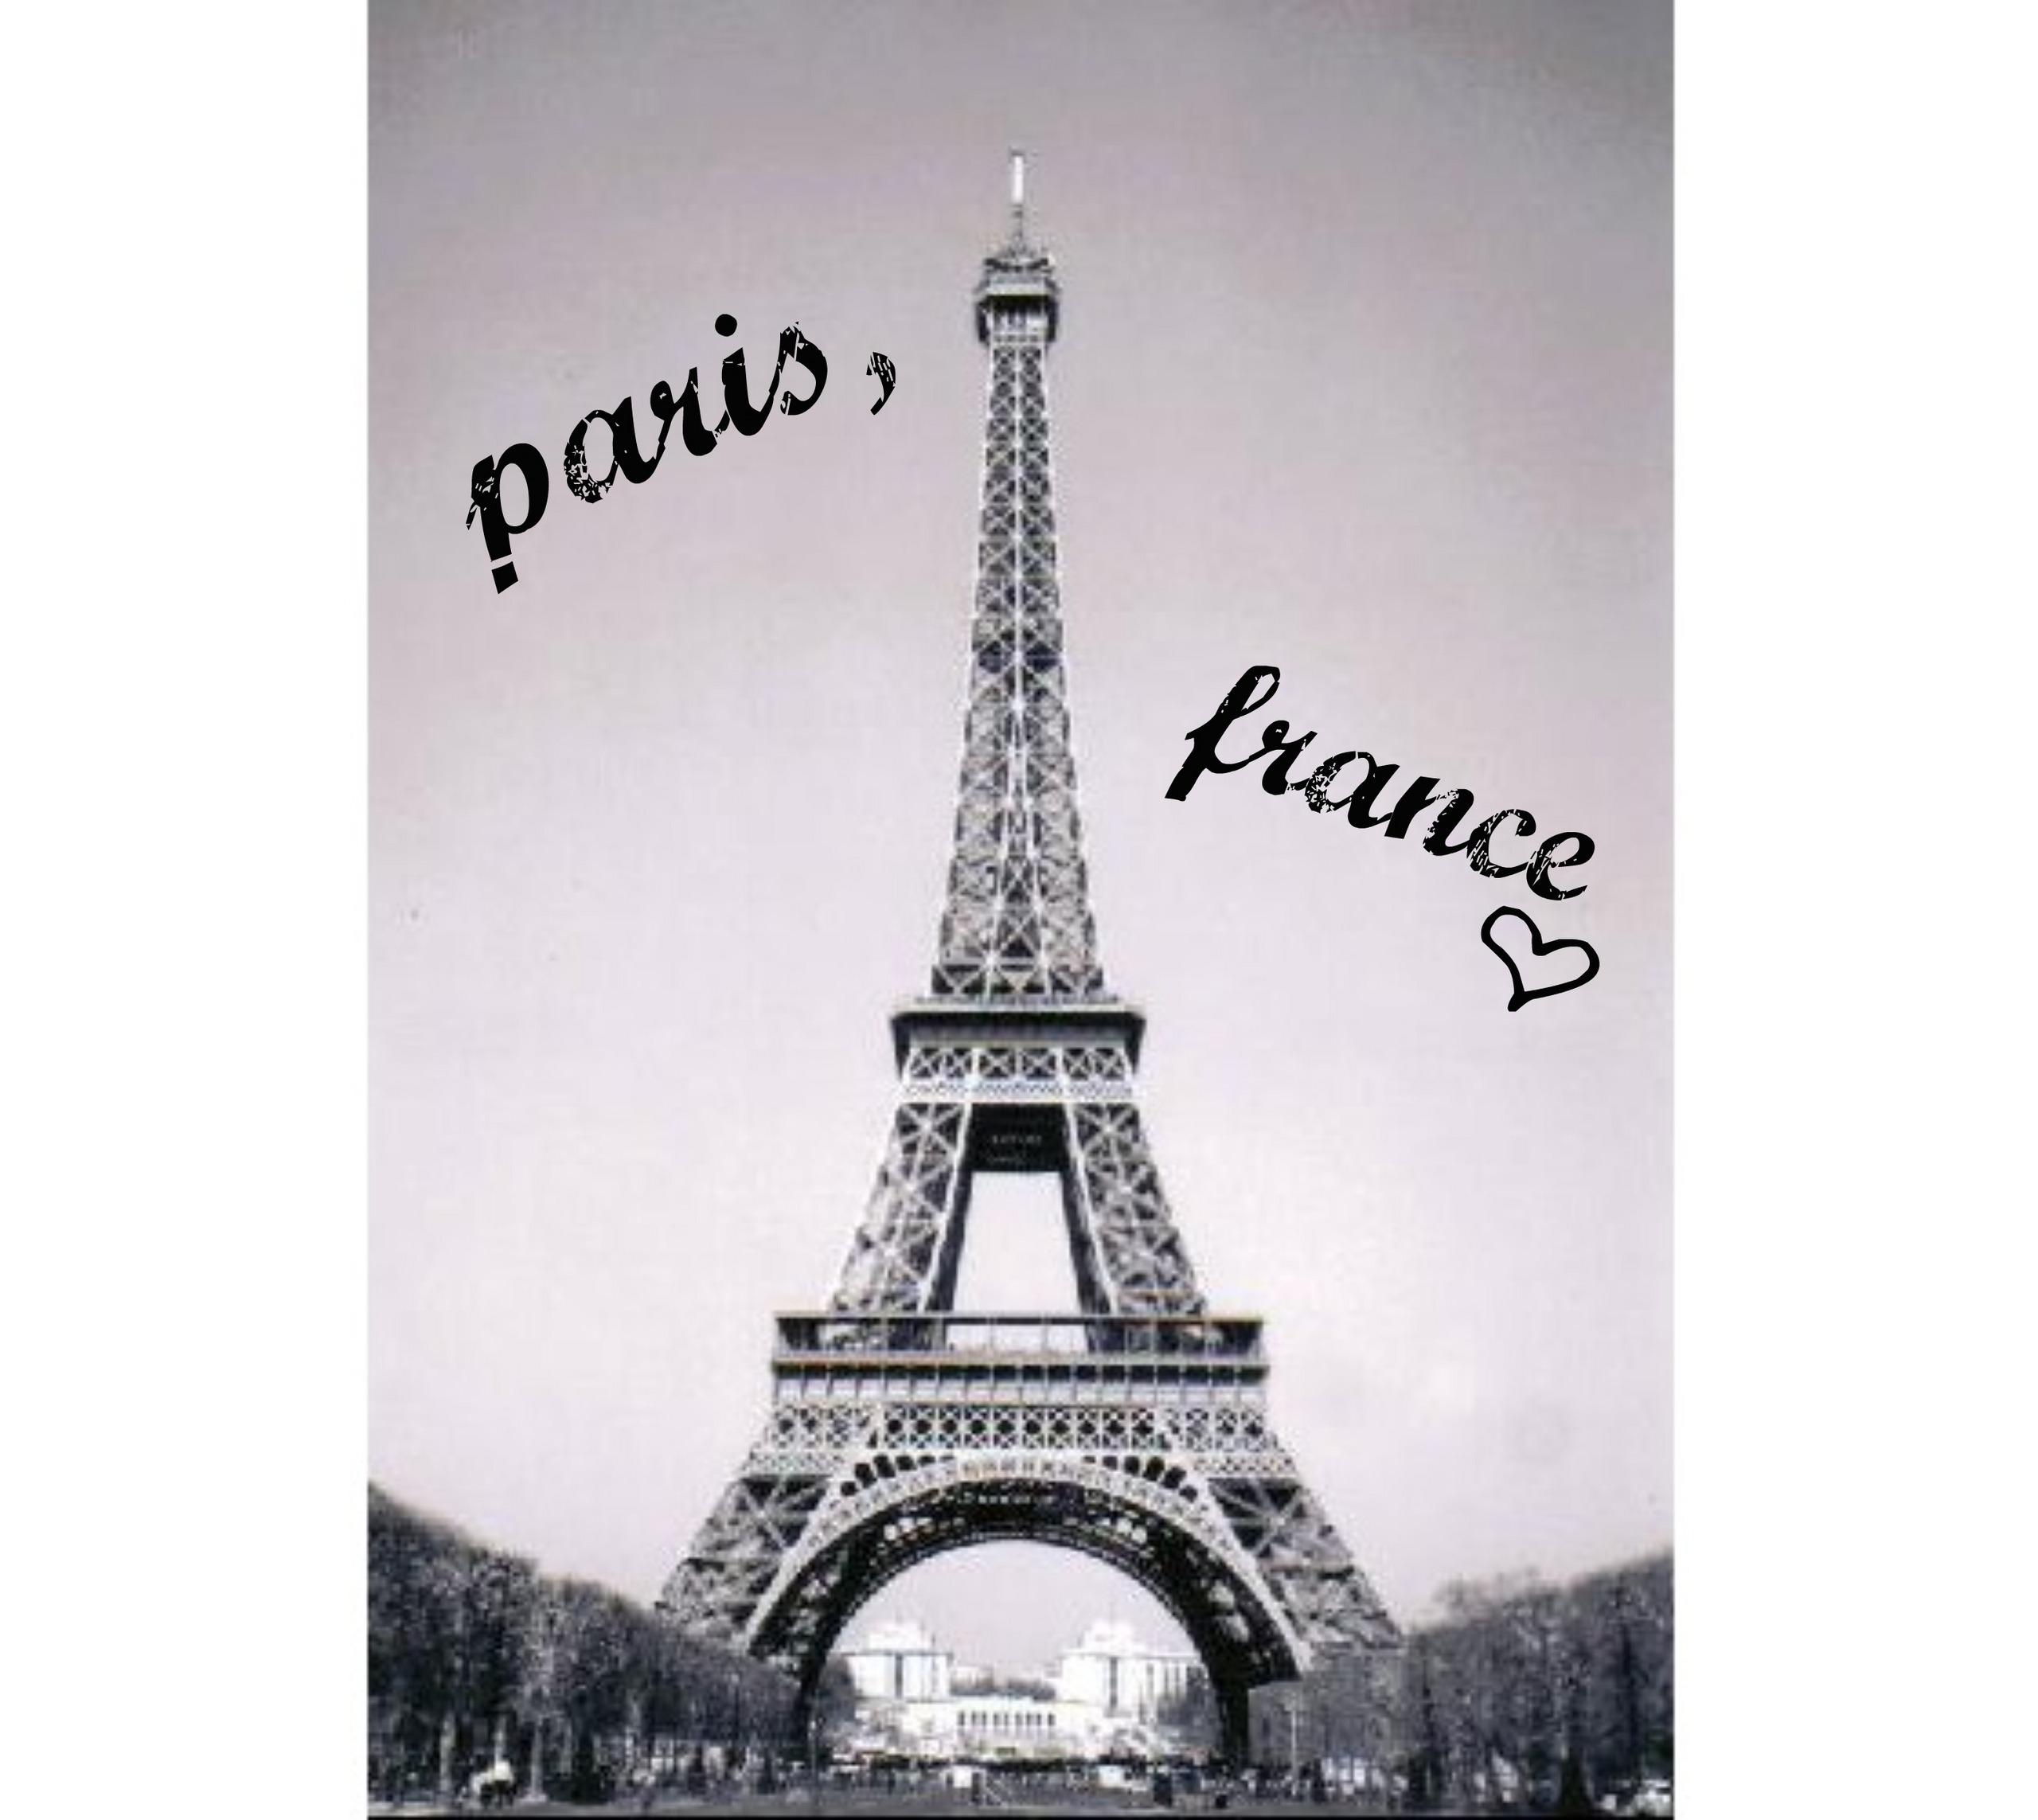 Paris, France <33